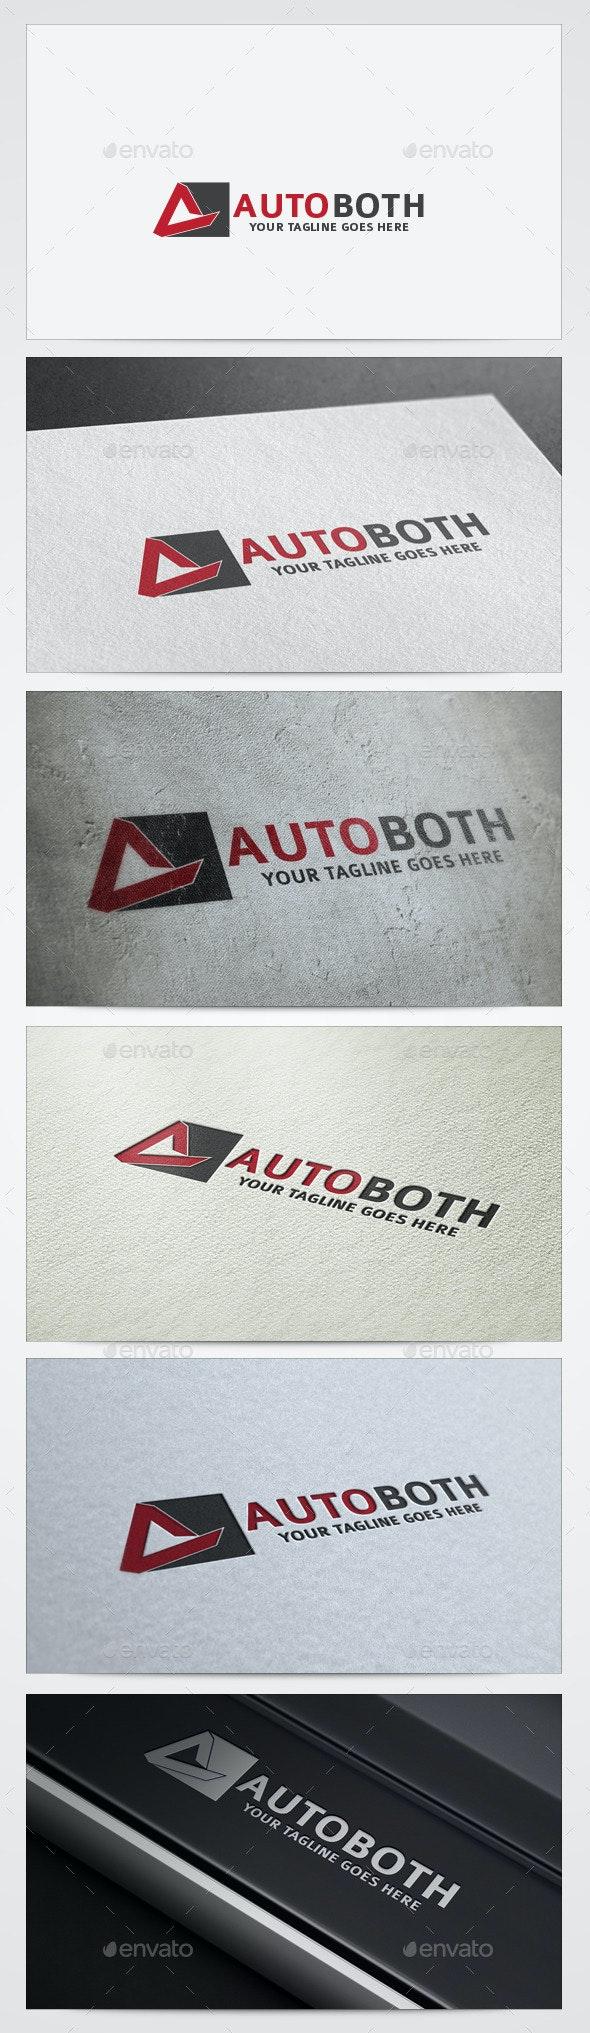 Auto Both Logos Templates - Vector Abstract